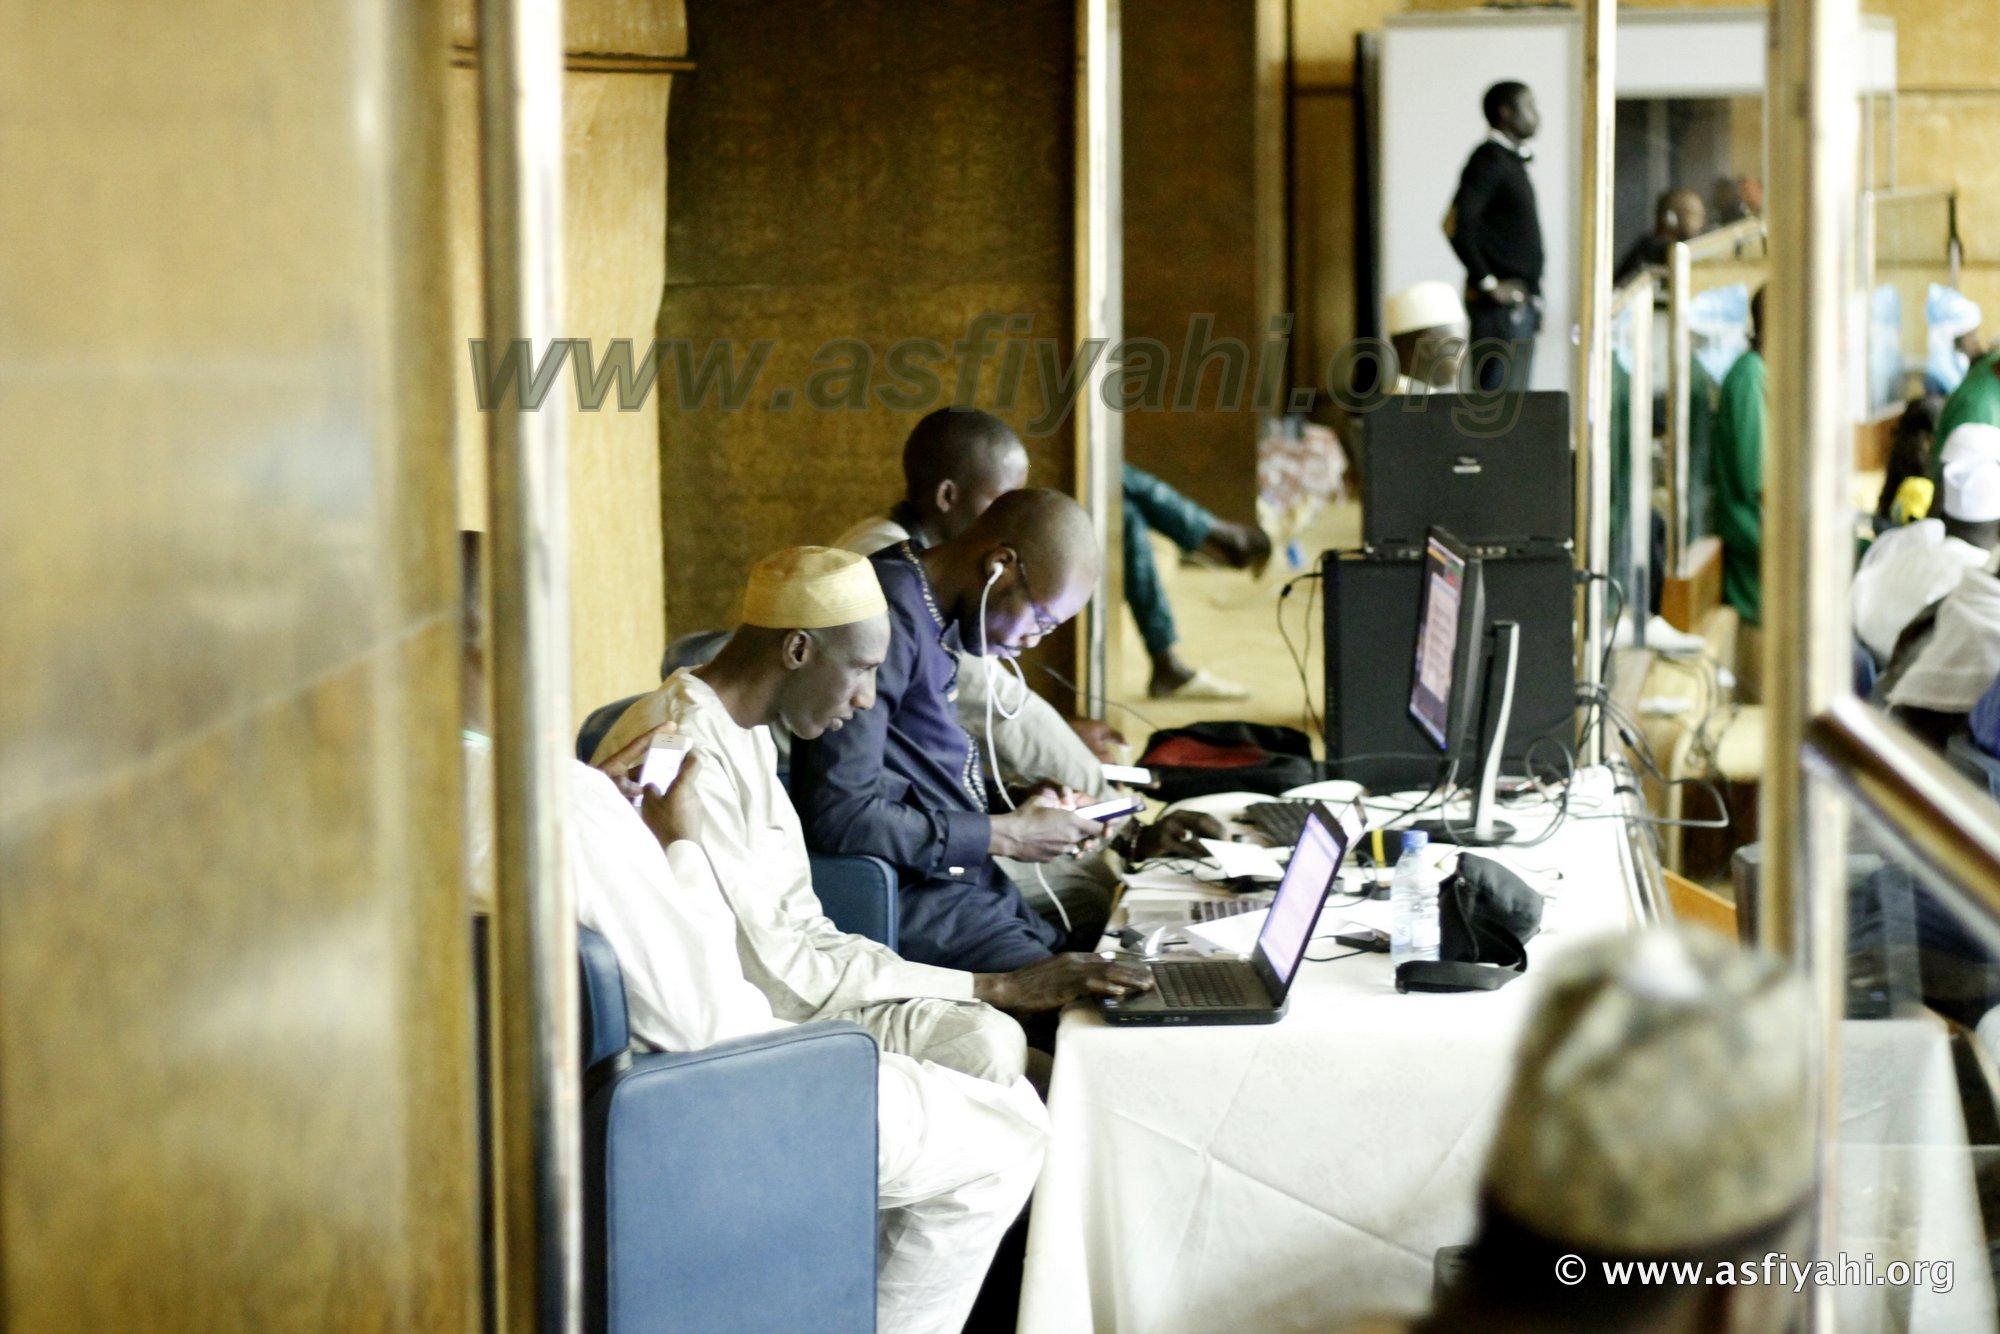 PHOTOS - Les Images de la Conference de Lancement de la Ziarra Oumarienne 2016, ce Jeudi 21 Janvier 2016 au King Fahd Palace